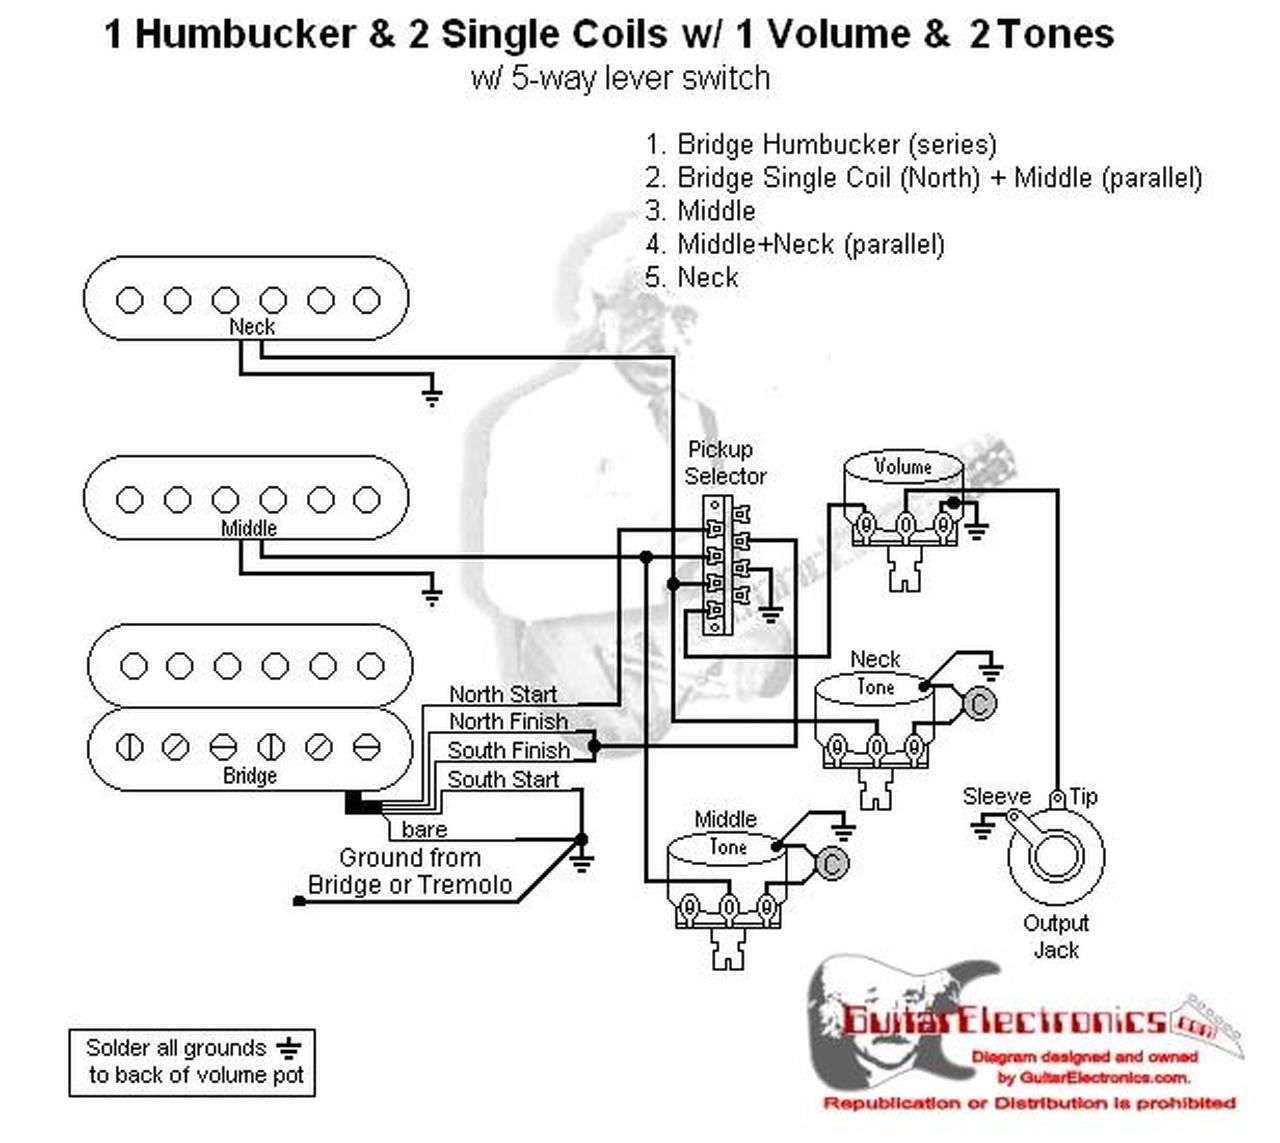 Kk 2971 2 Humbucker 1 Single Coil Wiring Diagrams Download Diagram